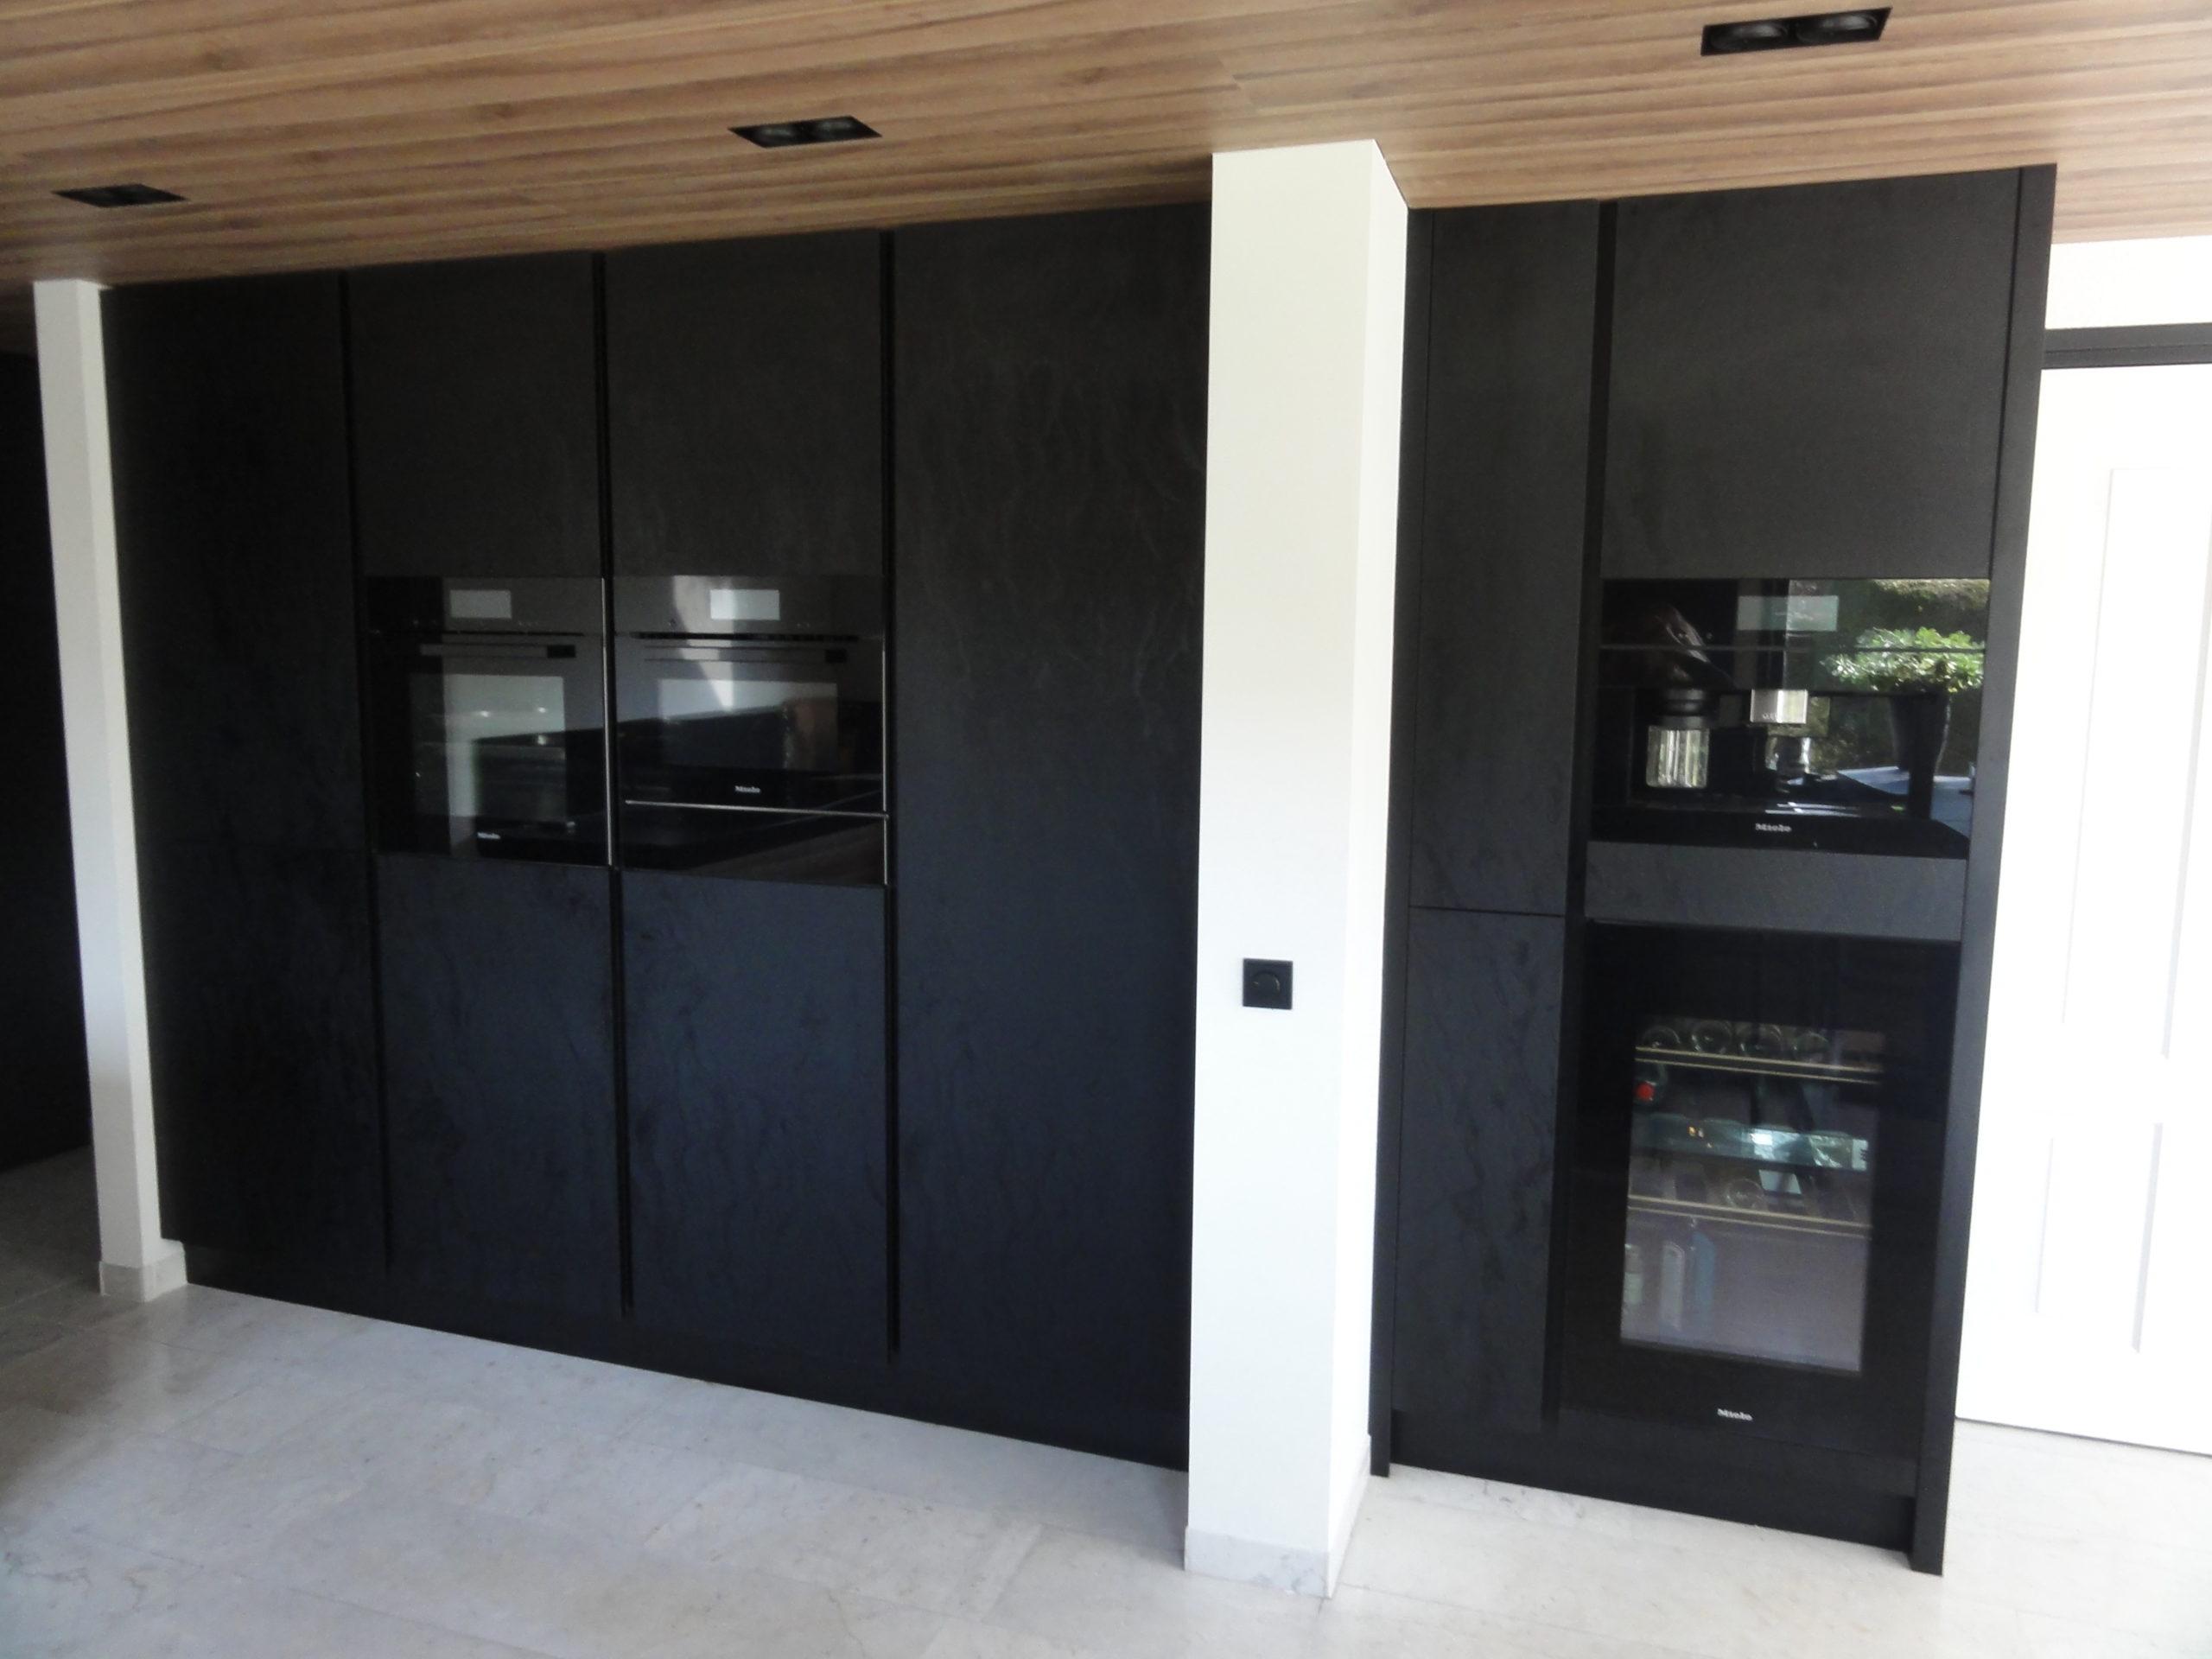 Moderne keuken inbouw apparatuur